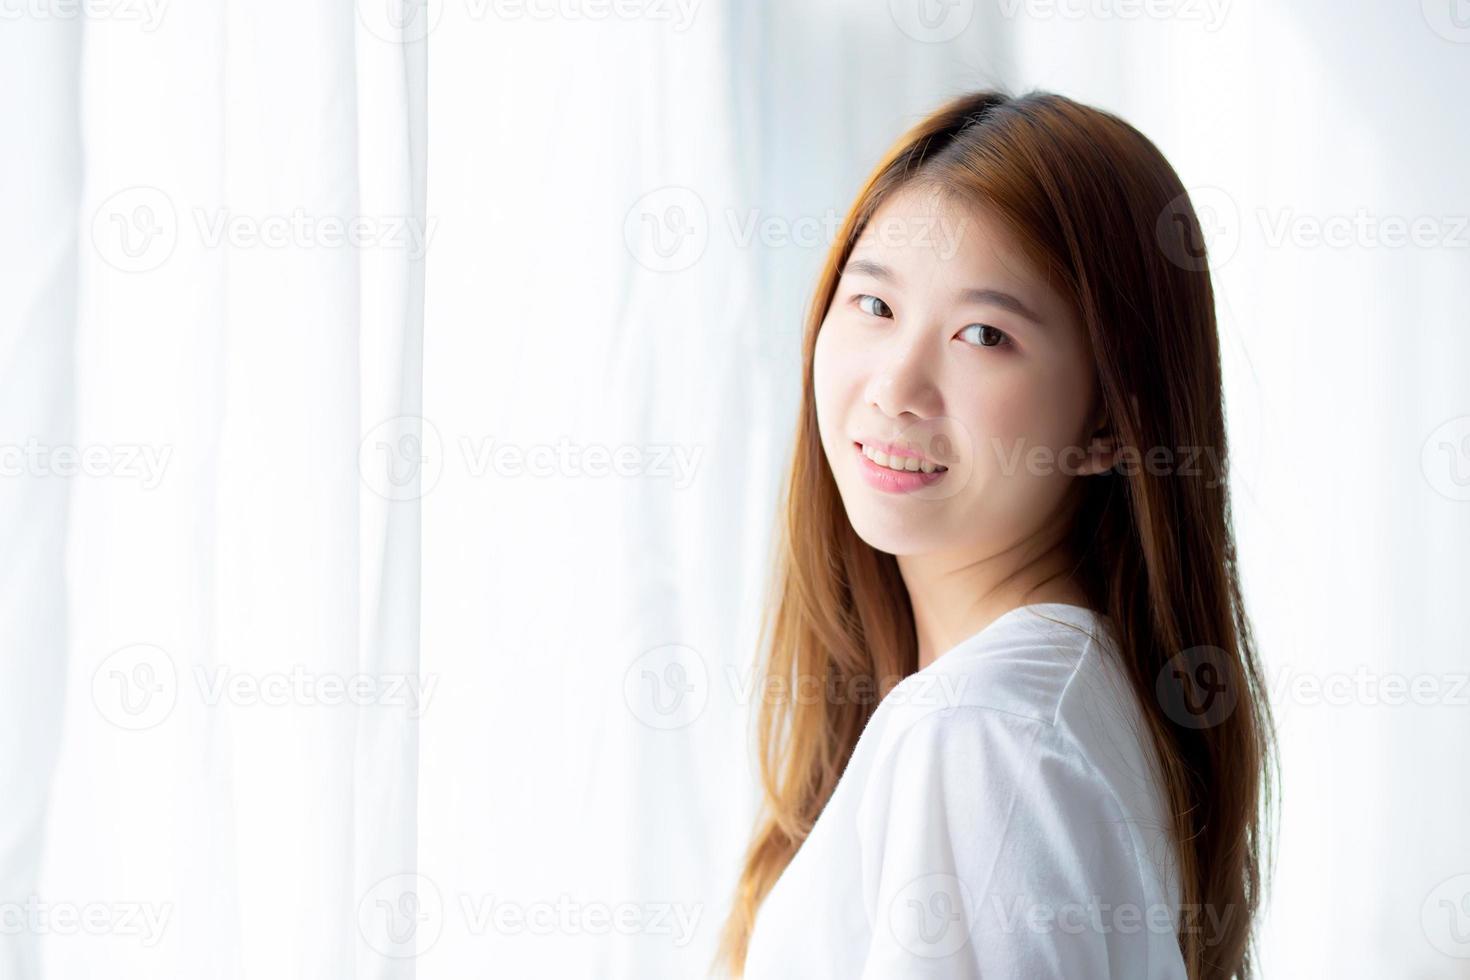 Retrato de una hermosa joven asiática de pie junto a la ventana y sonreír mientras se despierta con el amanecer por la mañana, estilo de vida y concepto de relajación. foto